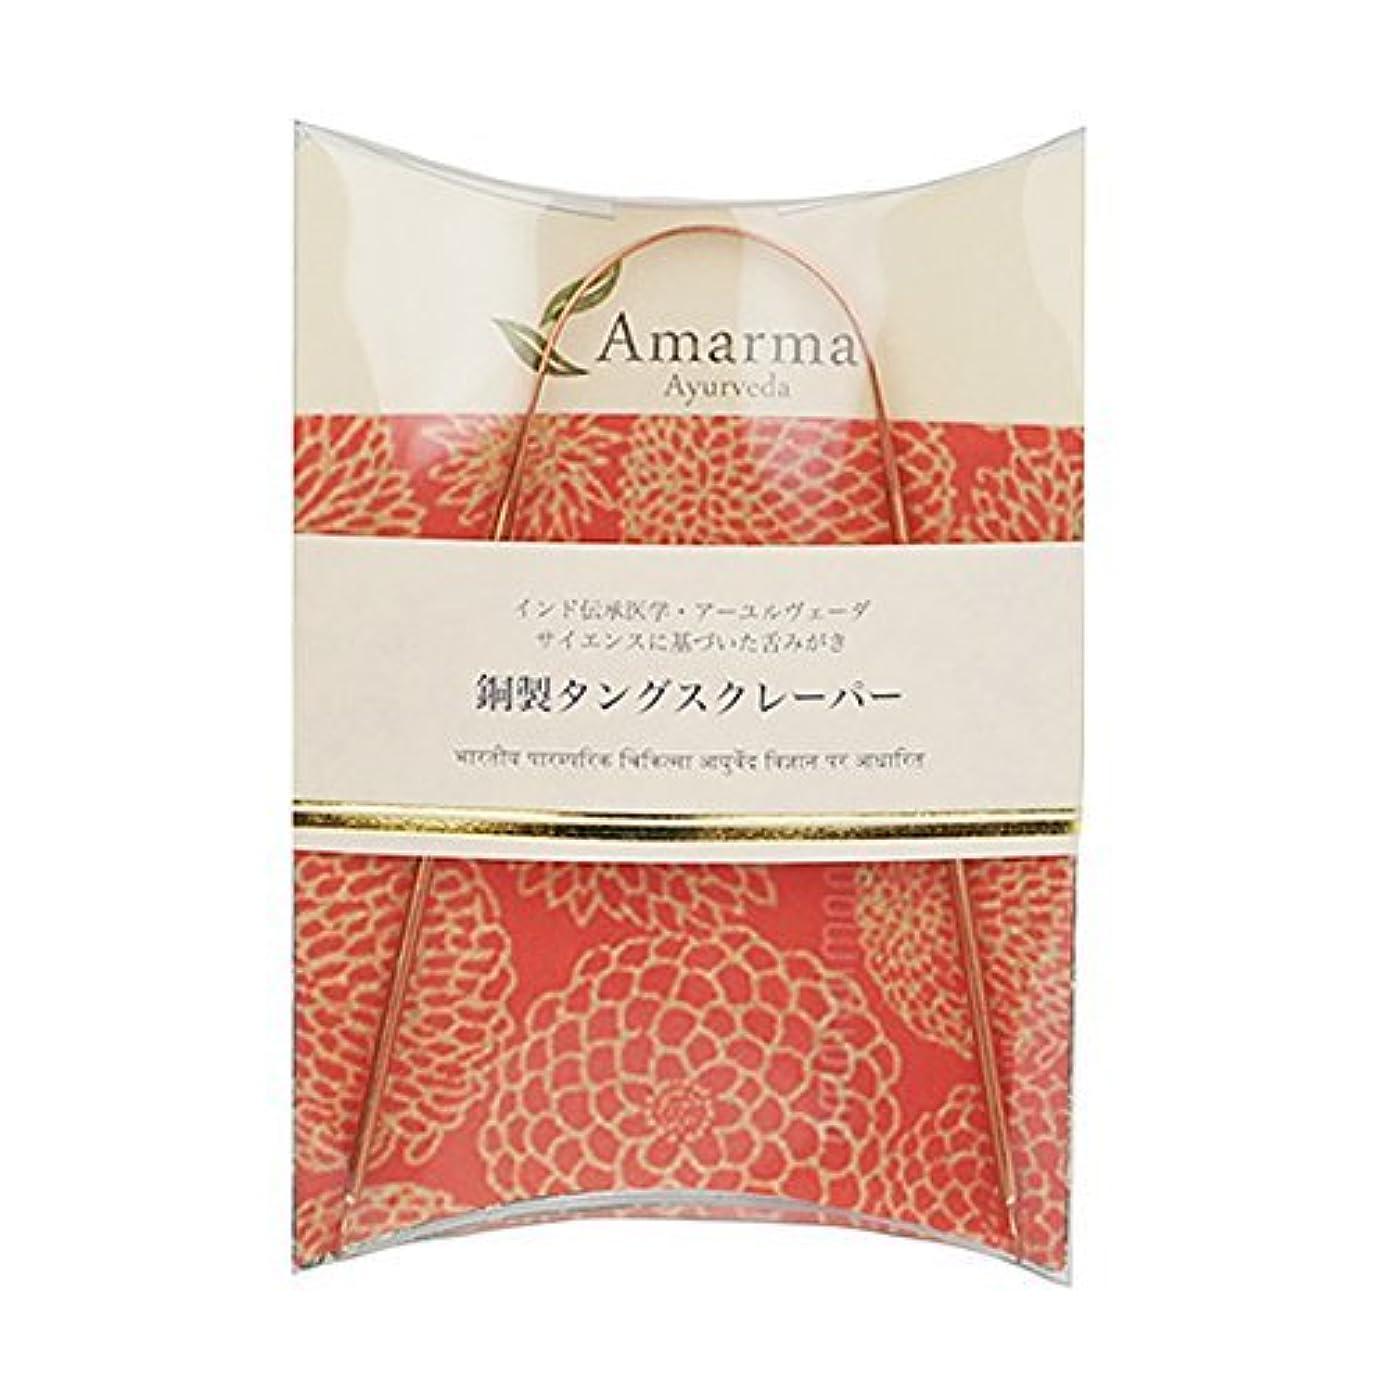 大工少しジャンプ銅製タングスクレーパー(舌みがき)日本製